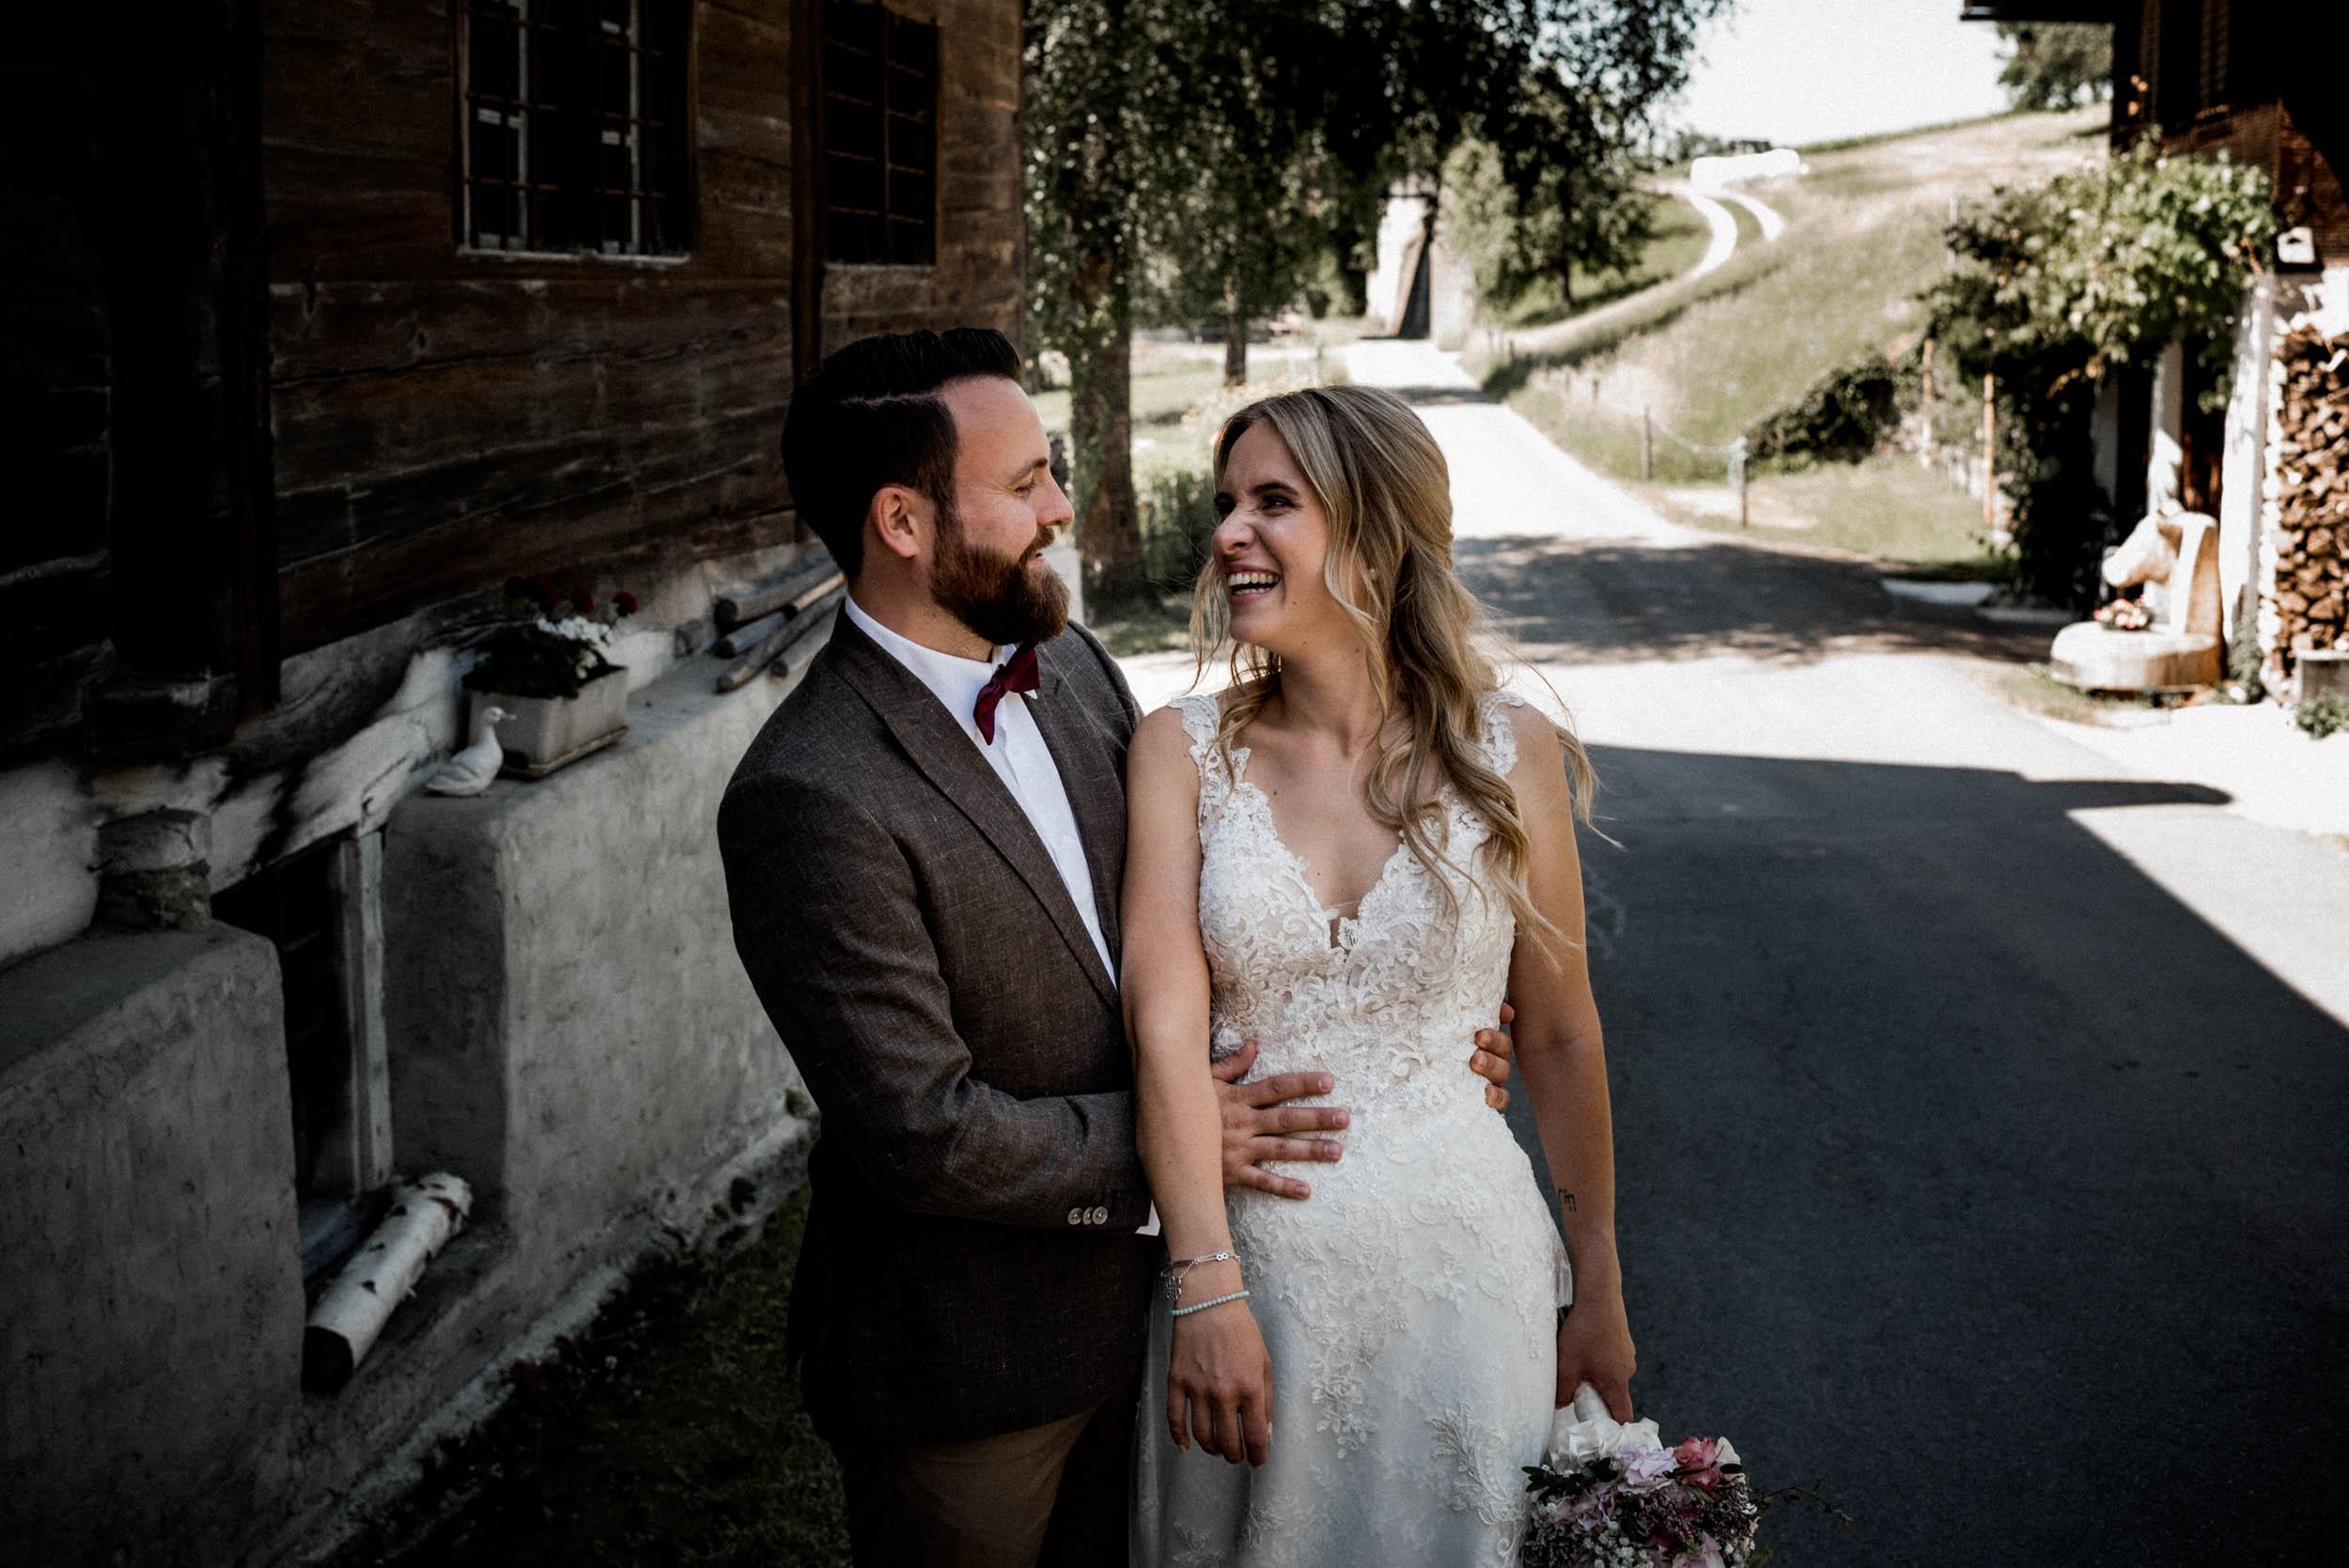 Hochzeitsreportage_Luzern_2019_4.jpg